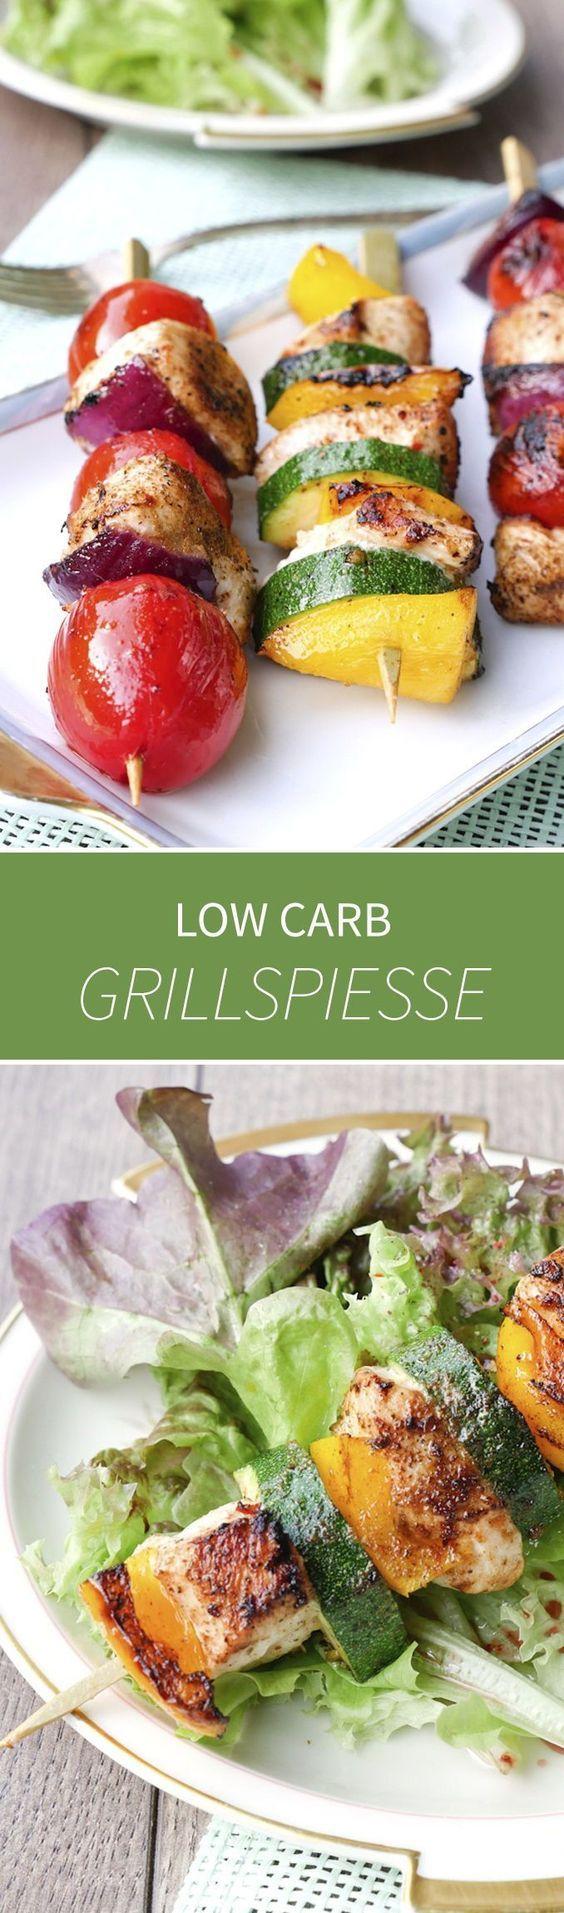 Low Carb Grillspiesse mit Hähnchen, Tomaten und Zucchini